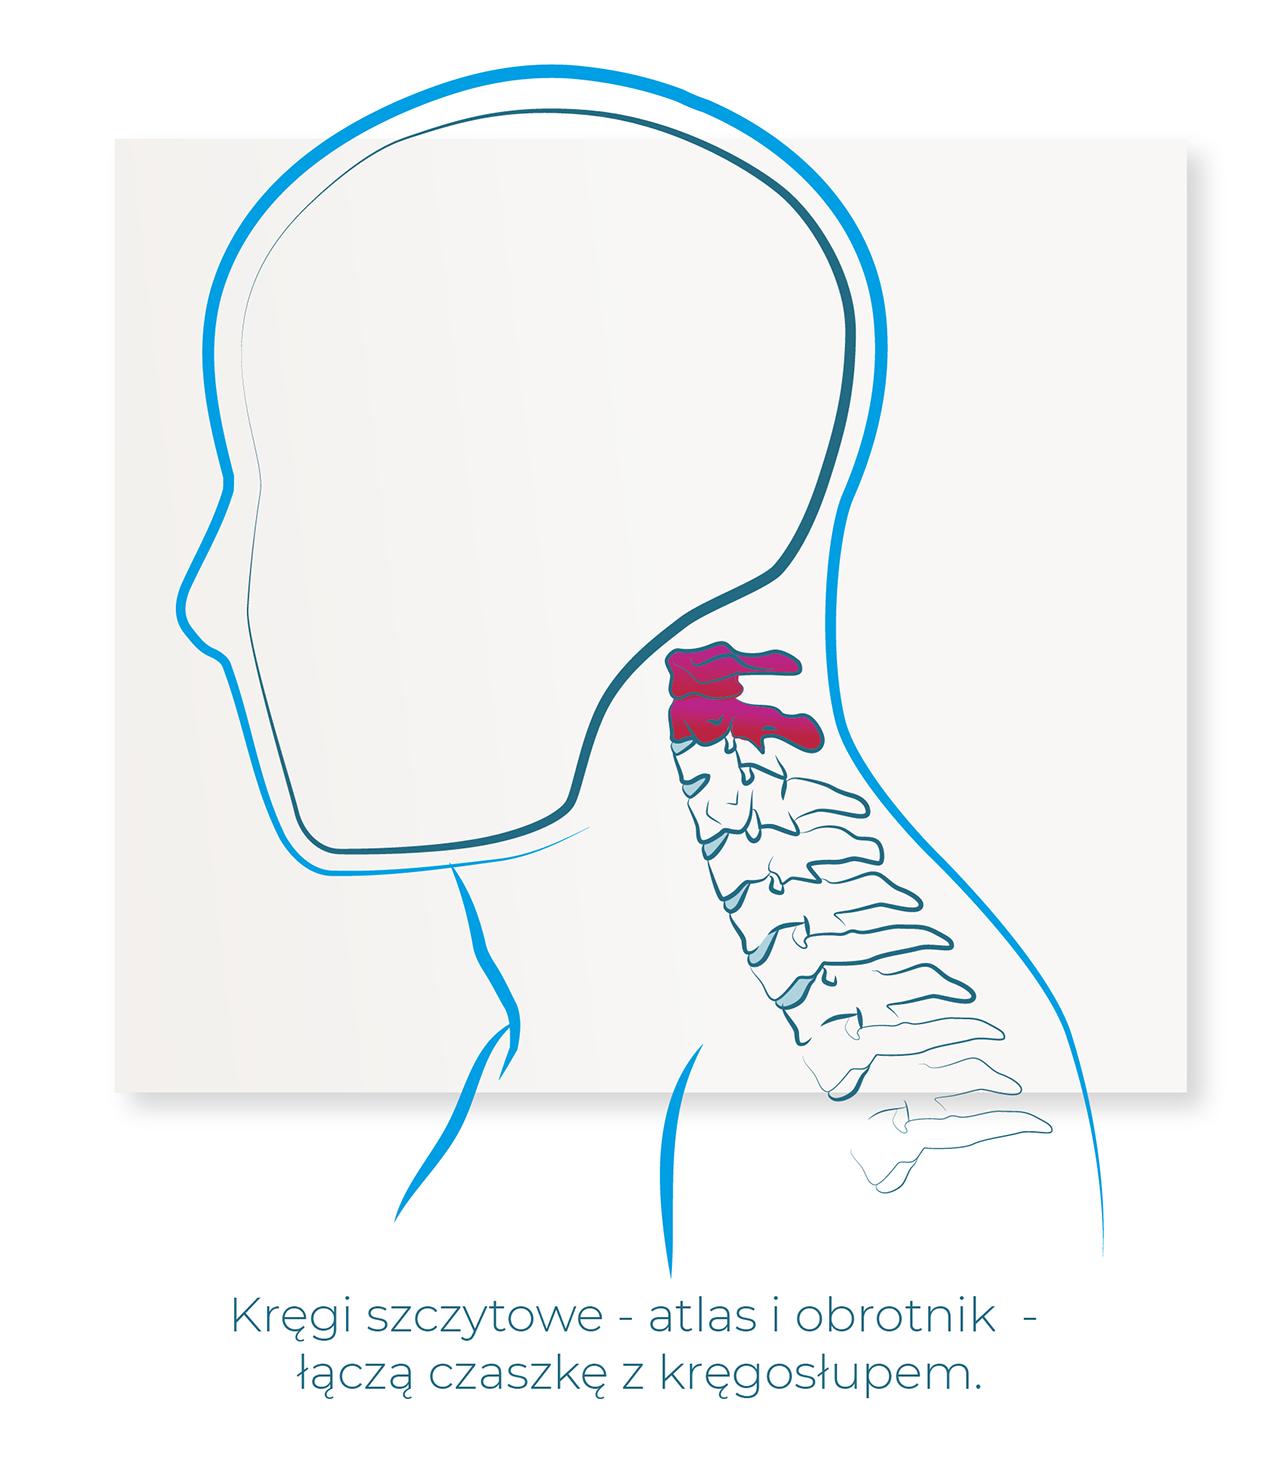 kregi szczytowe atlas i obrotnik lacza czaszke z kregoslupem